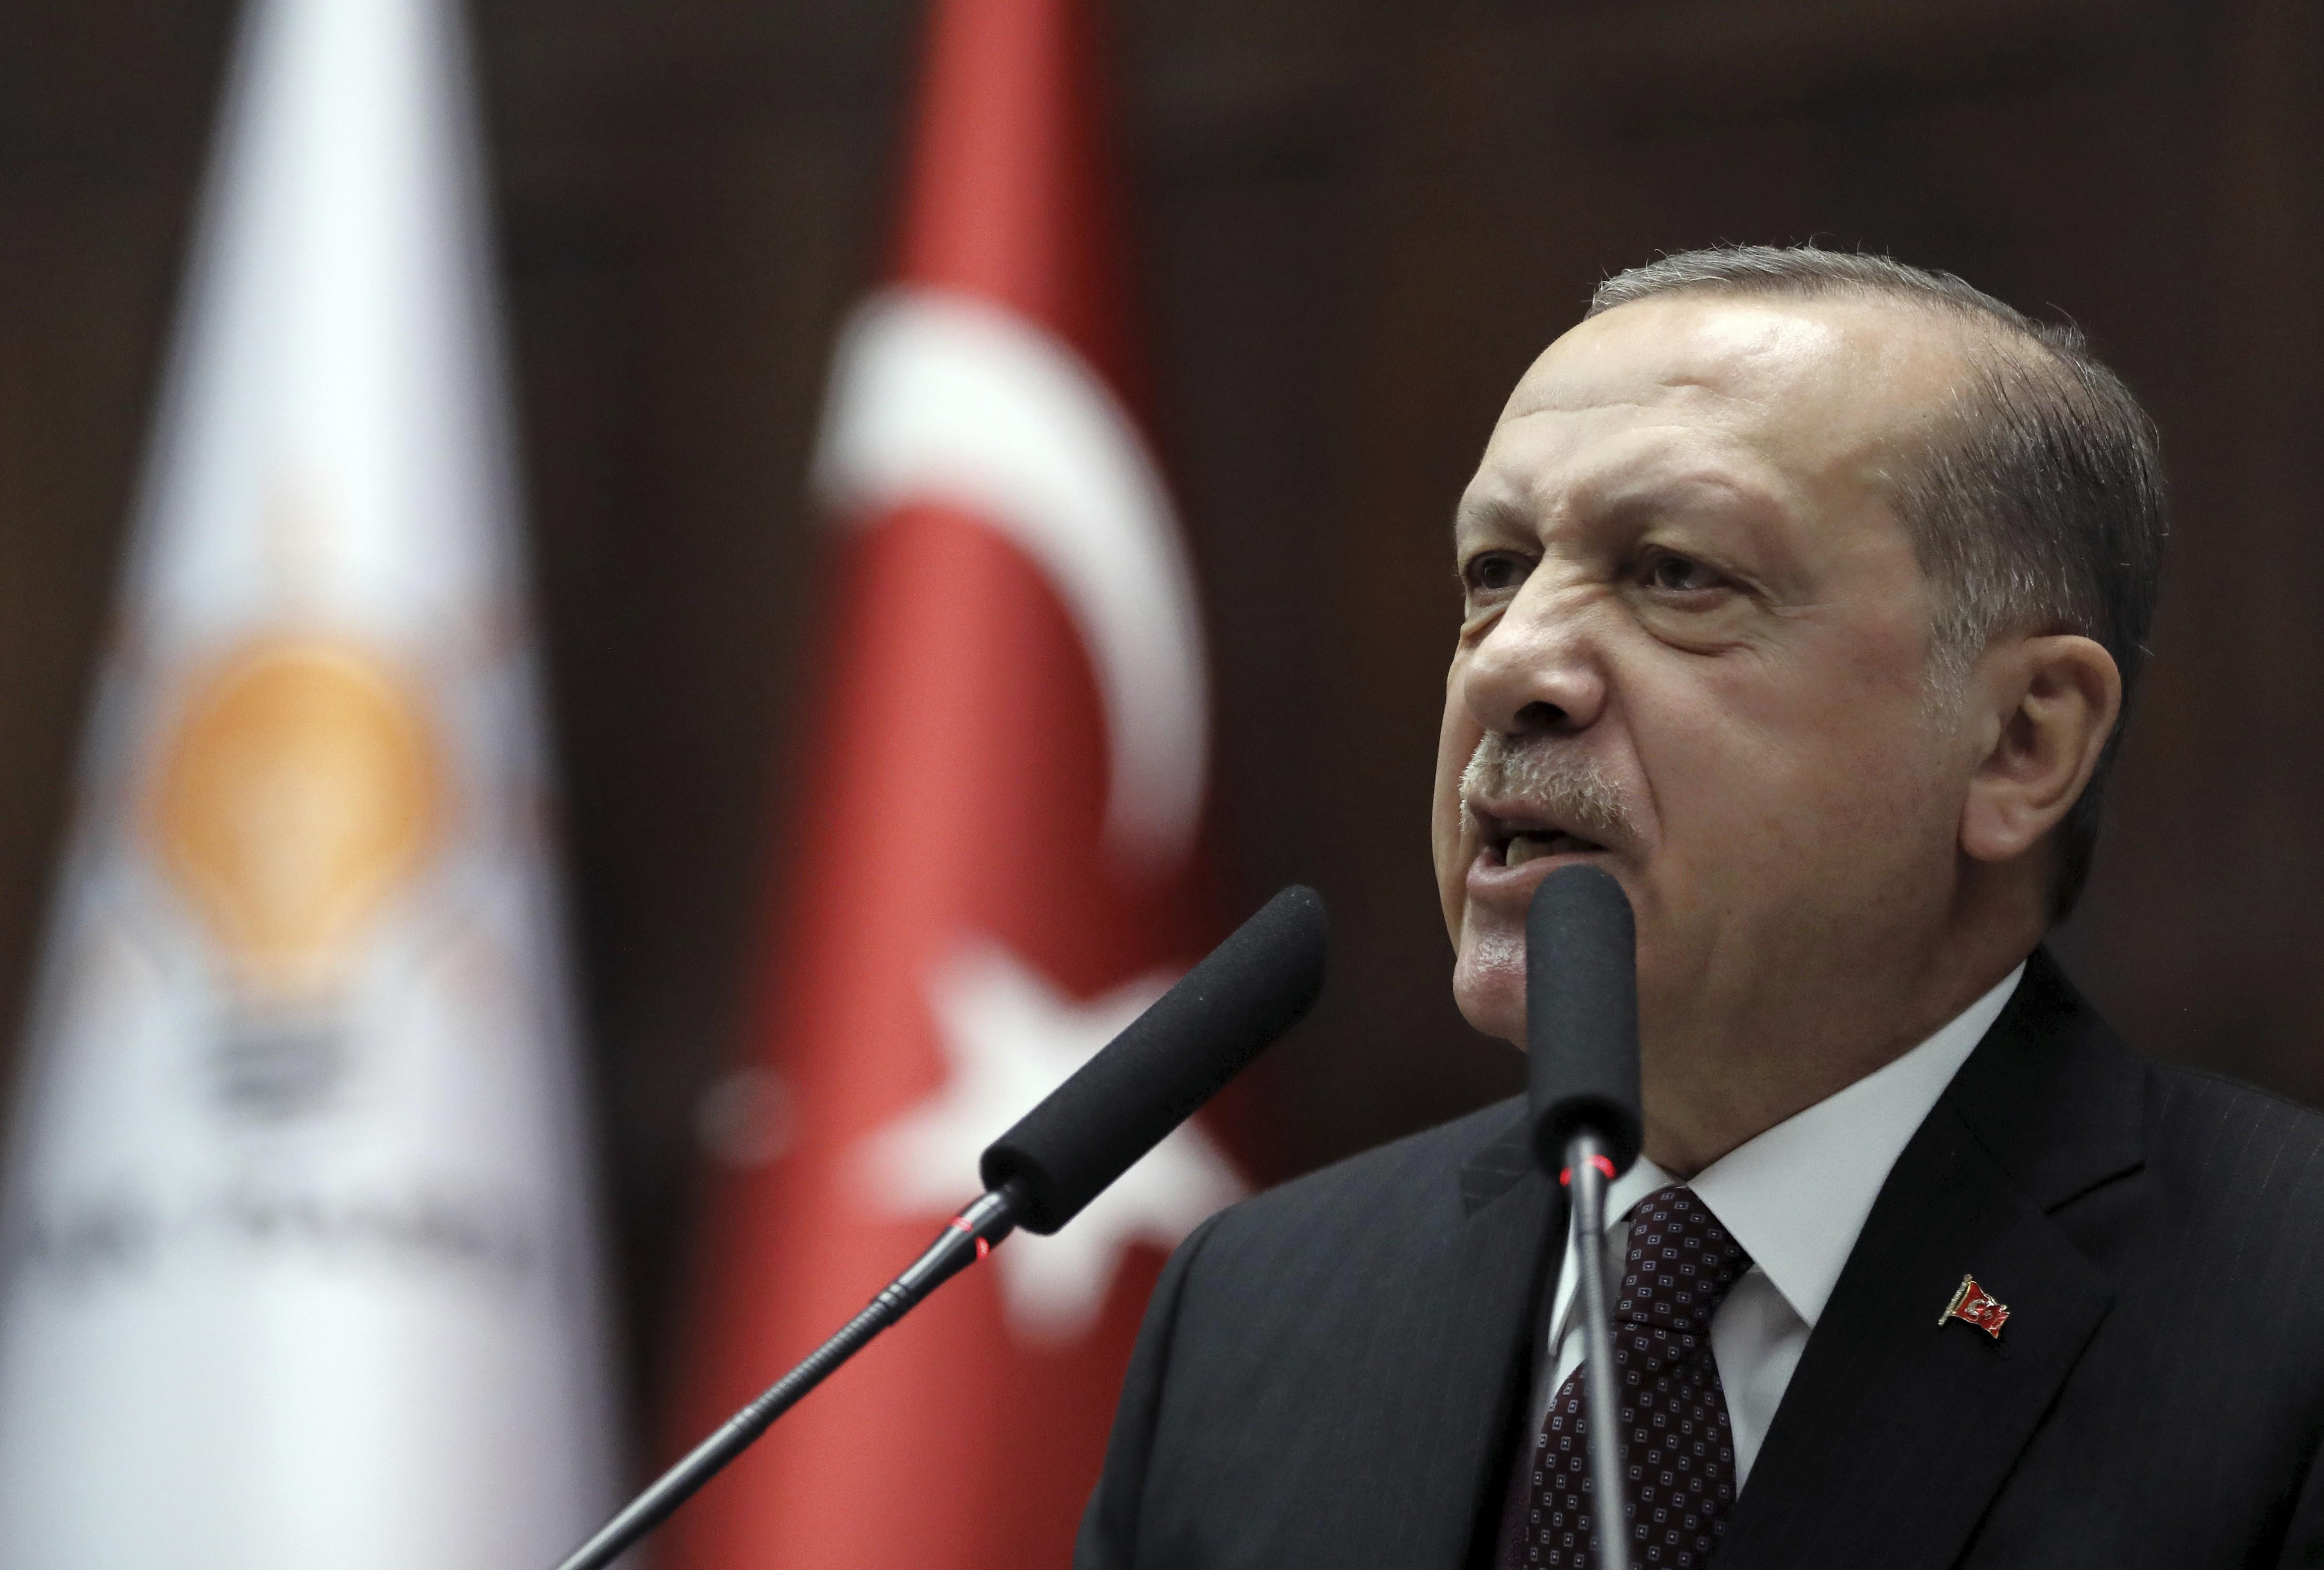 Liderul turc, Recep Tayyip Erdogan, nemulțumit de rezultatul alegerilor locale